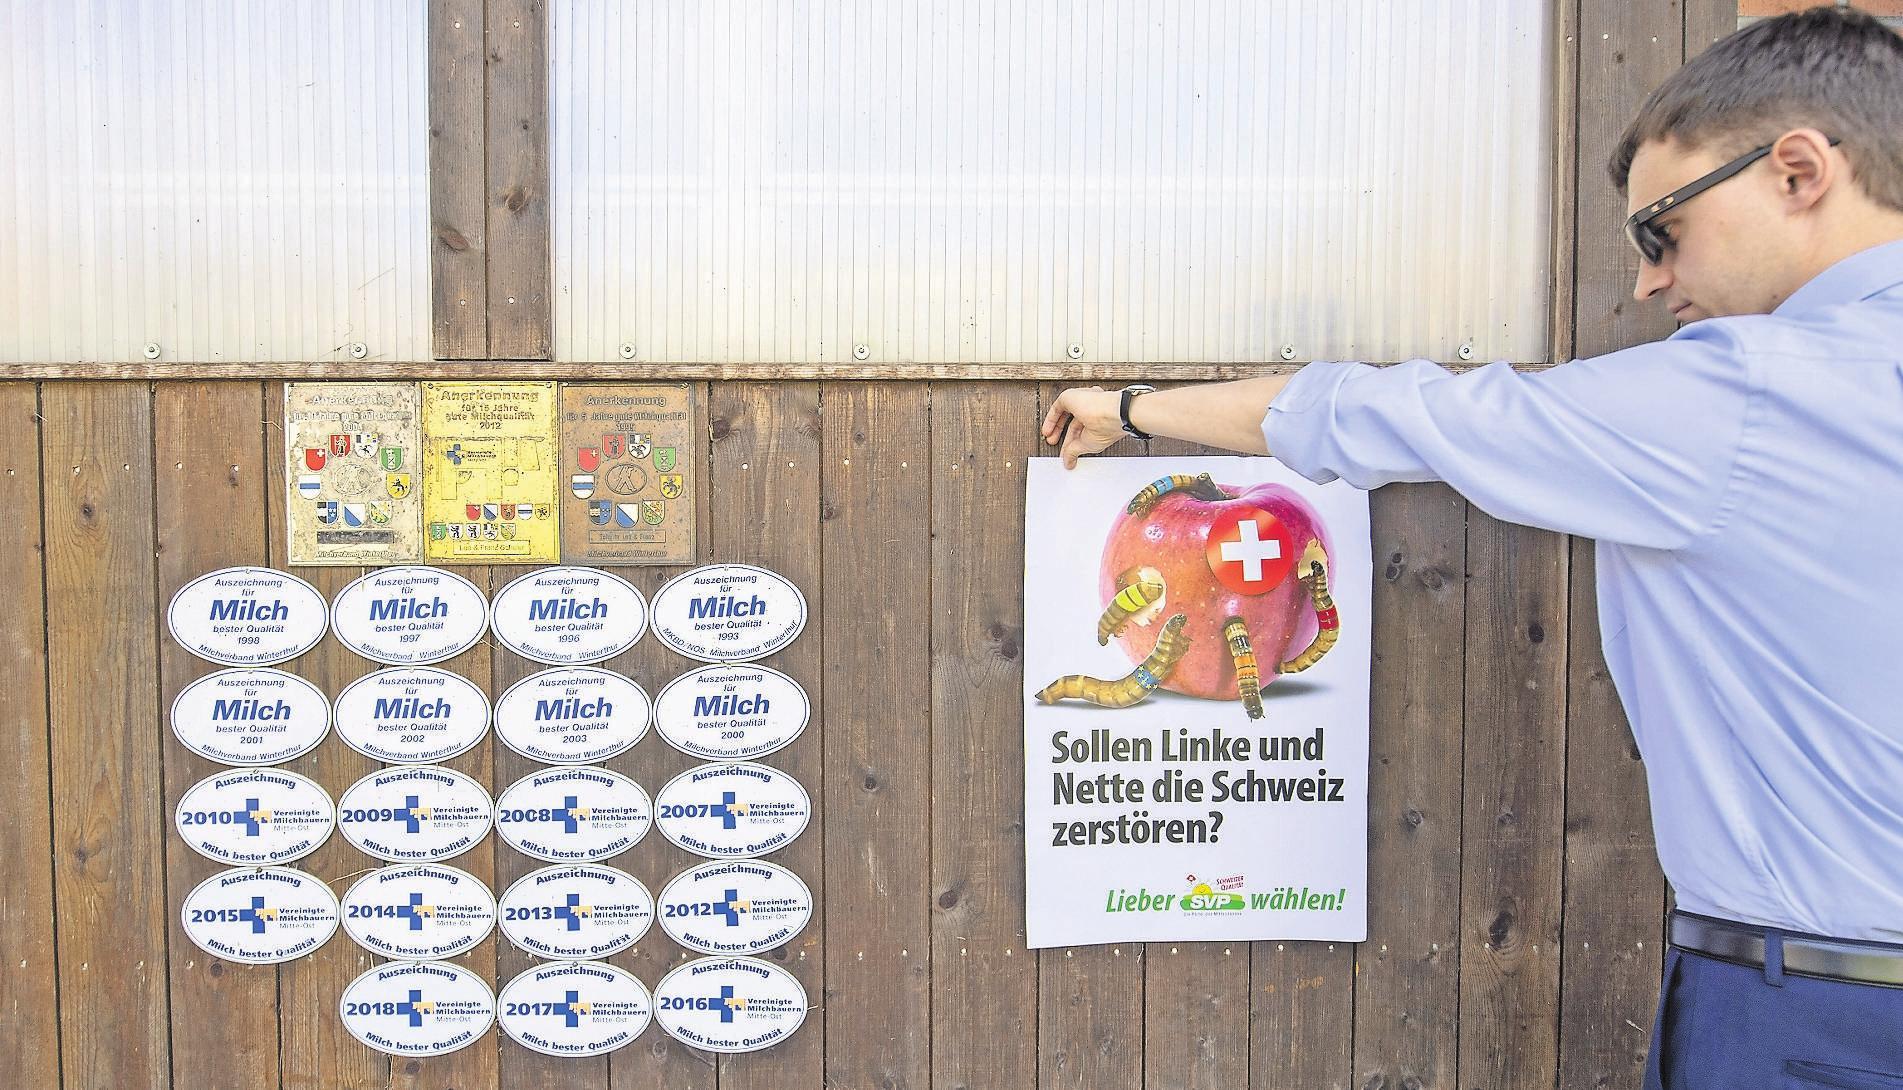 Weil der langjährige Fraktionschef Adrian Amstutz abtritt, fehlt der Berner SVP ein wichtiges Zugpferd für ihre Kampagne. Bild: Urs Flueeler/Keystone (Sattel, 31. August 2019)